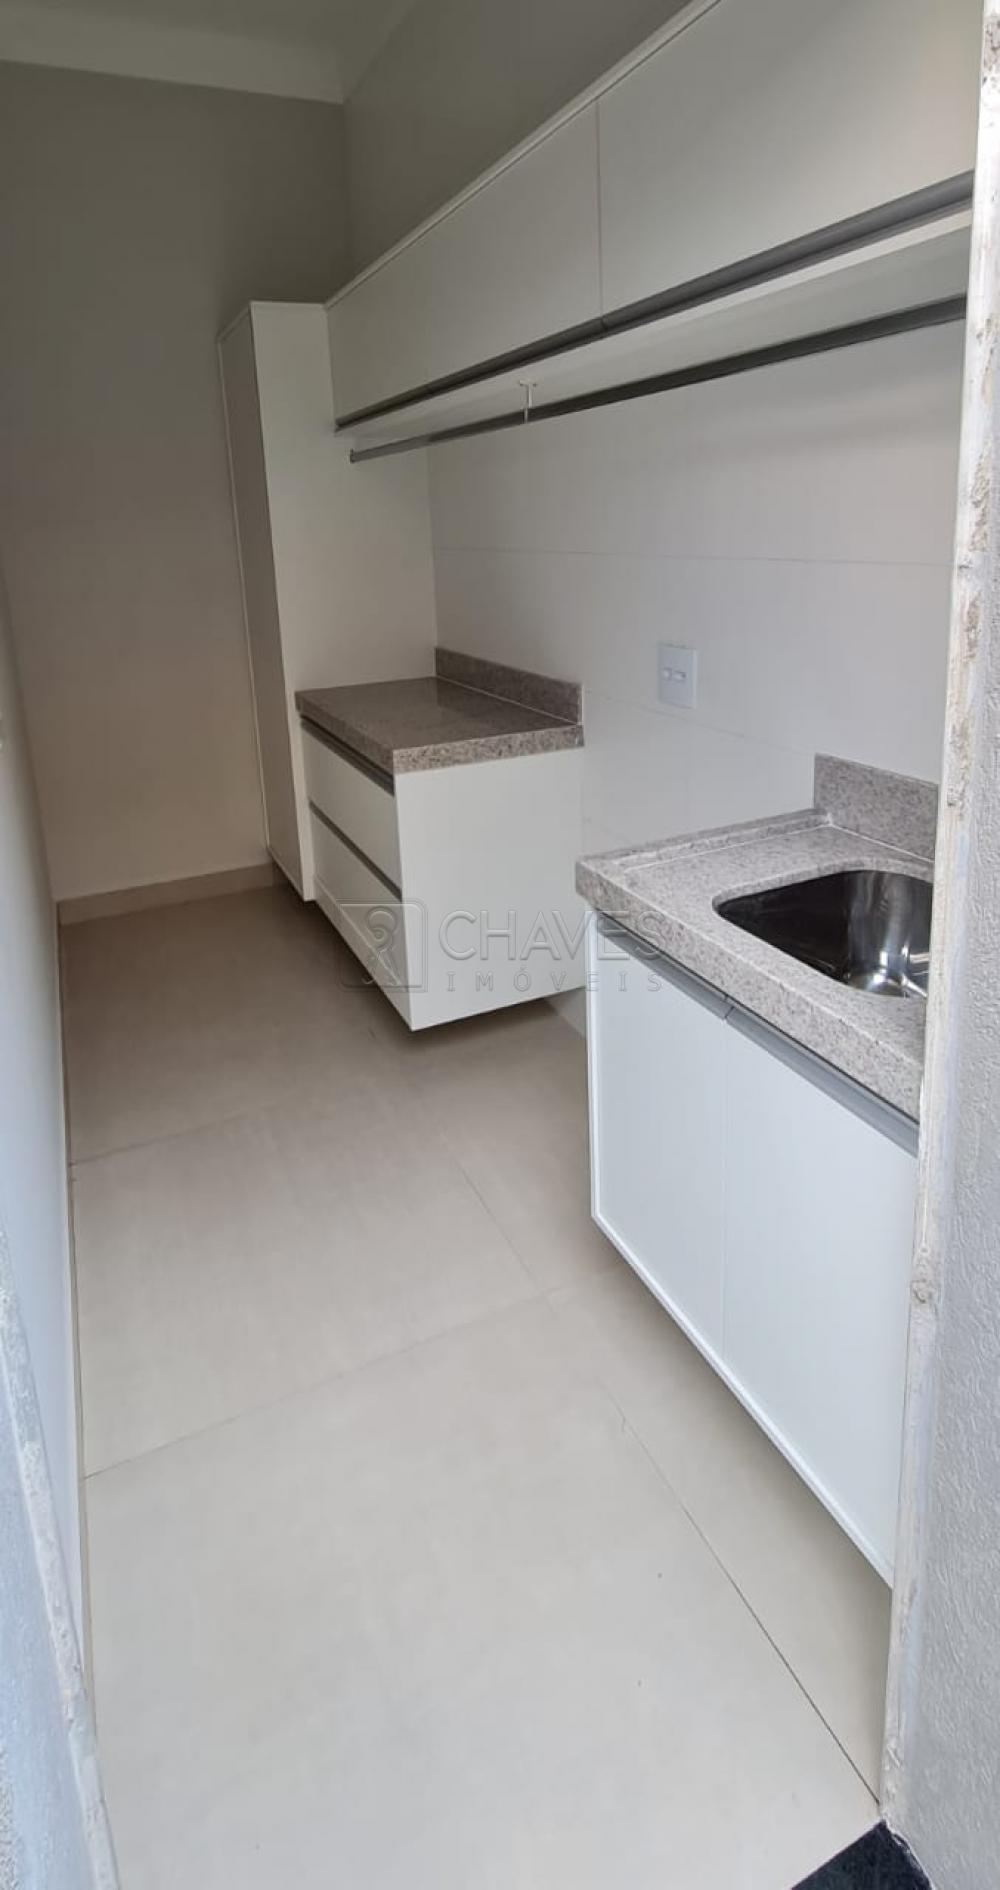 Comprar Casa / Condomínio em Ribeirão Preto apenas R$ 1.050.000,00 - Foto 14